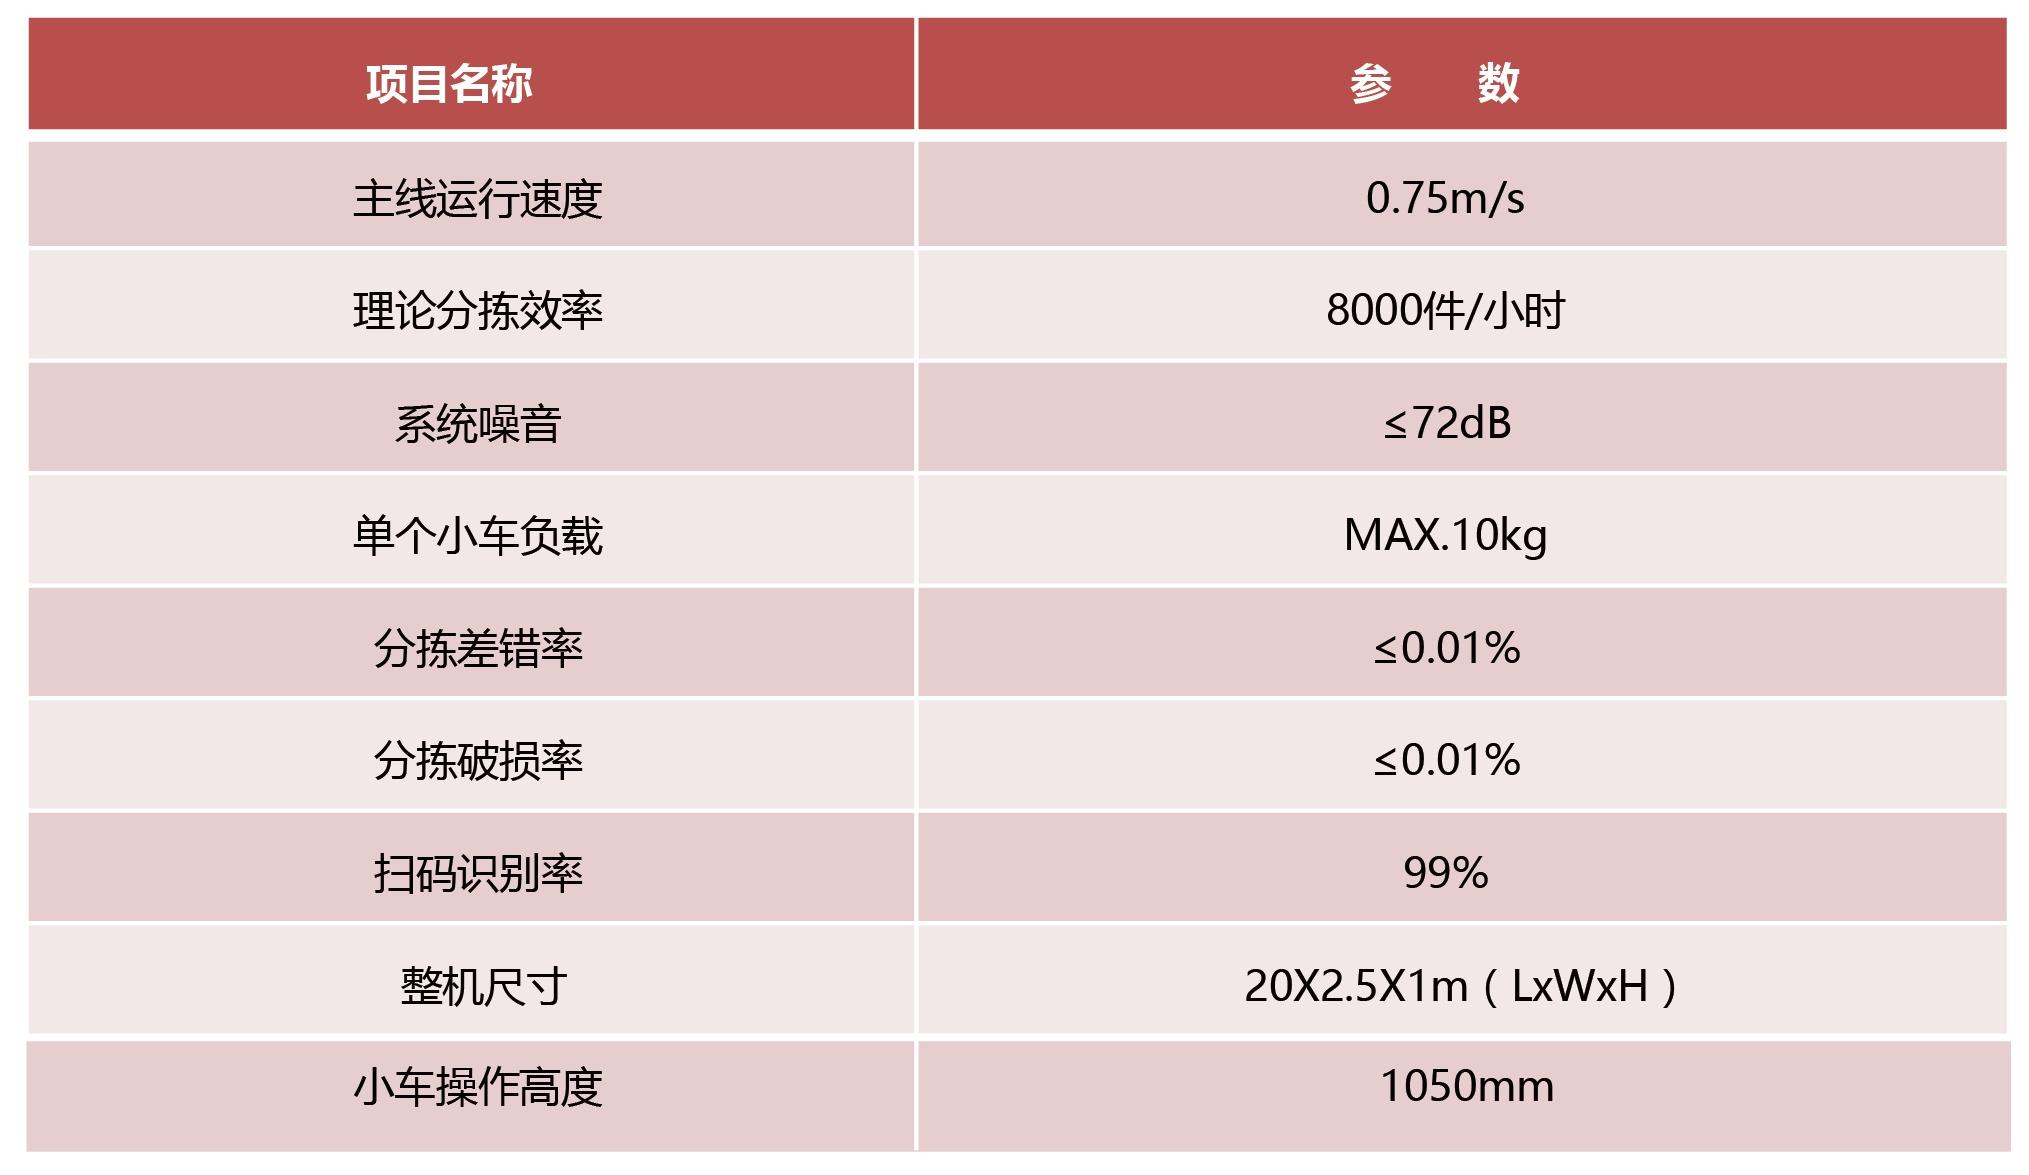 窄带-02 500份_看图王(1).jpg